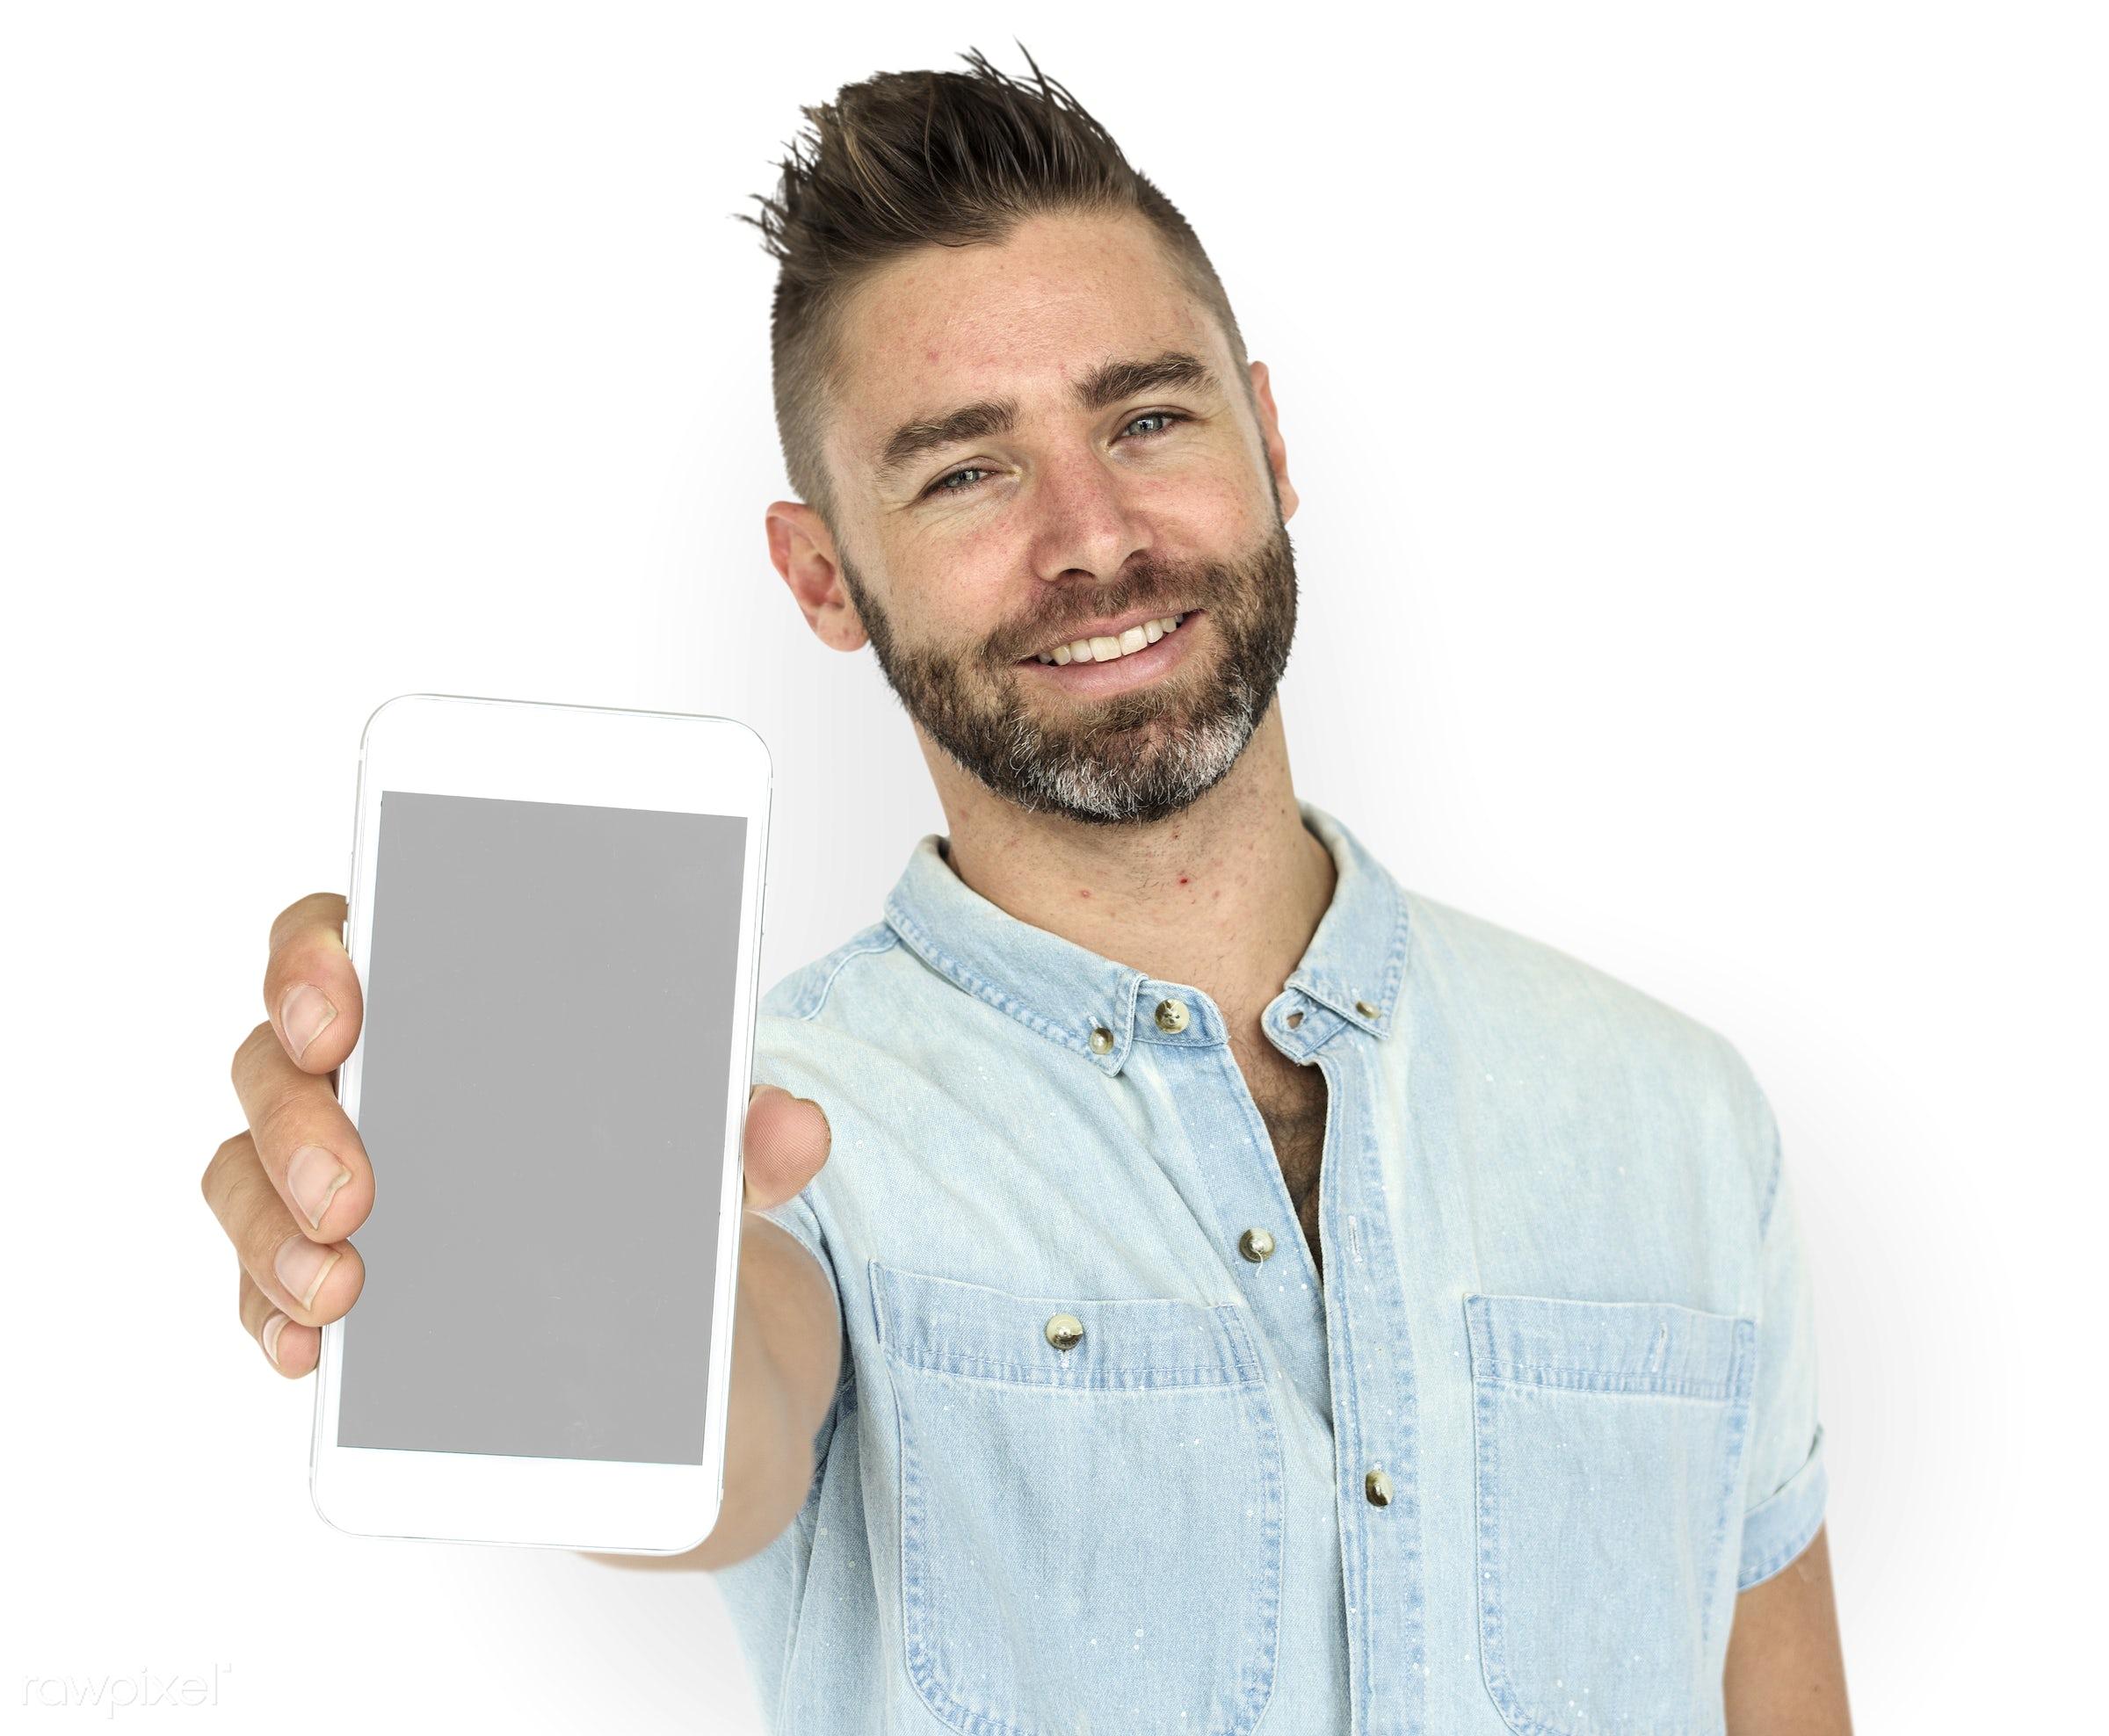 background, beard, caucasian, communication, device, emotion, expression, holding, holding phone, isolated, isolated on...